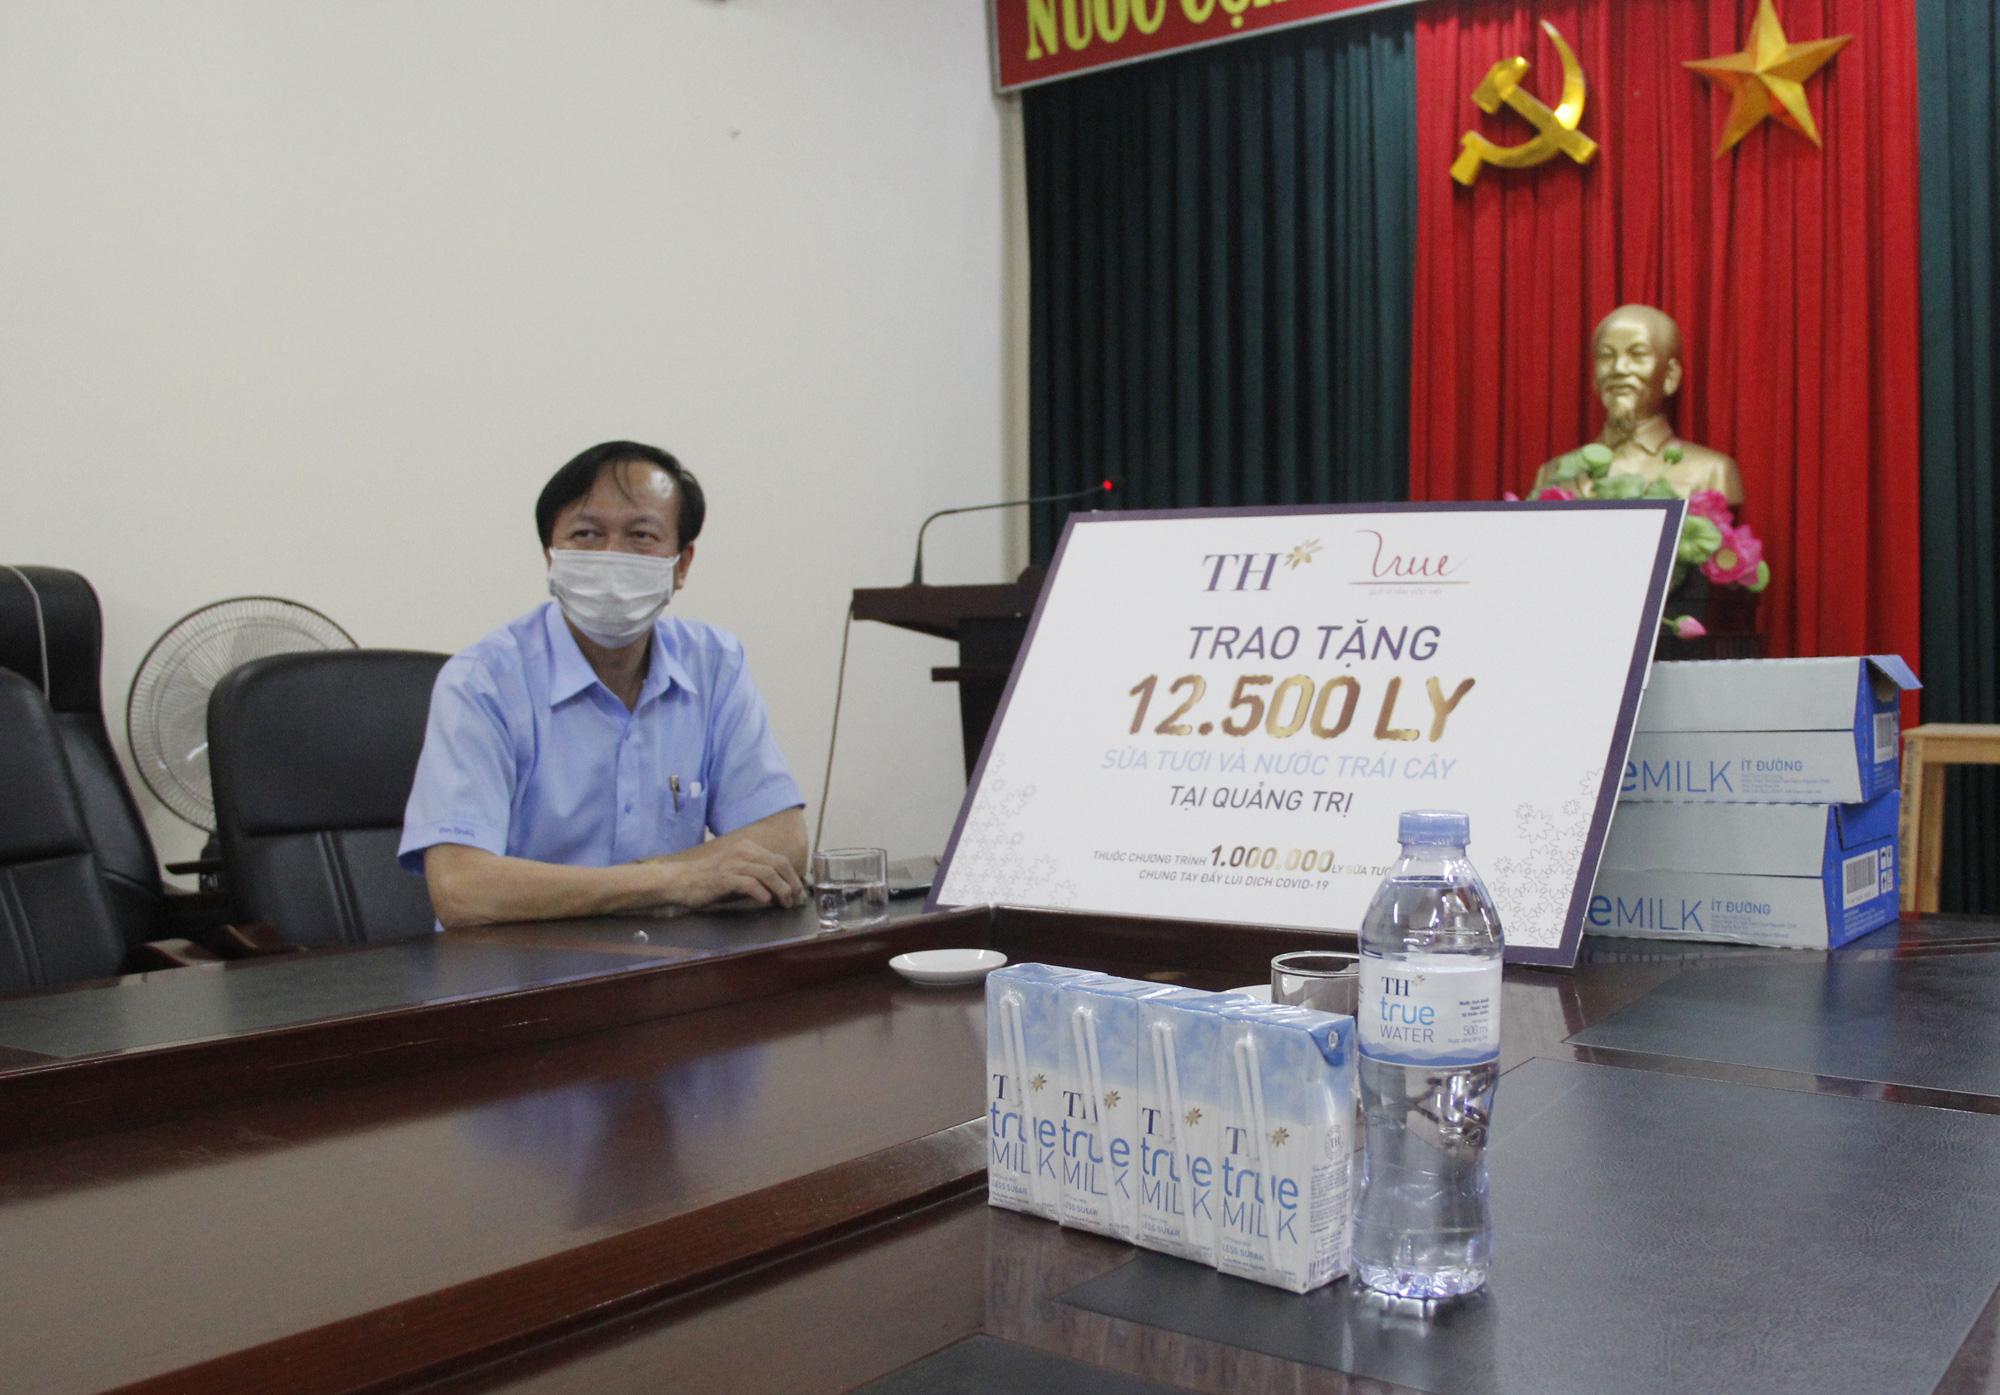 Tập đoàn TH trao tặng 12.500 sản phẩm sữa tươi hỗ trợ tỉnh Quảng Trị phòng, chống dịch Covid-19 - Ảnh 3.